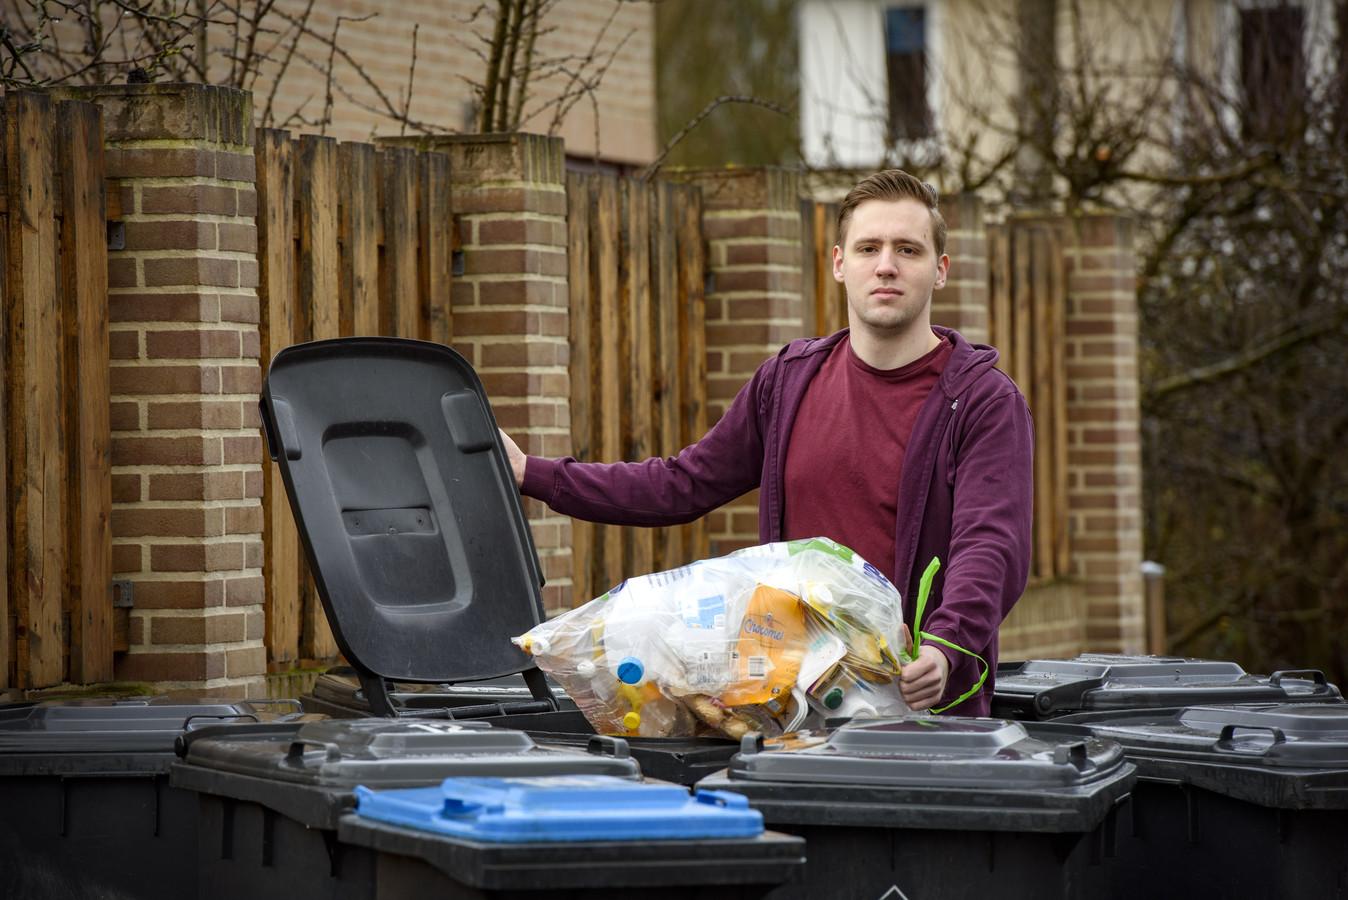 Plastic, blik en afval weer gewoon in de grijze container gooien. Als het aan het Zutphense SP-raadslid Mart de Ridder ligt komt er zo snel mogelijk een einde aan het diftar-systeem, waarbij inwoners zelf hun afval moeten scheiden.